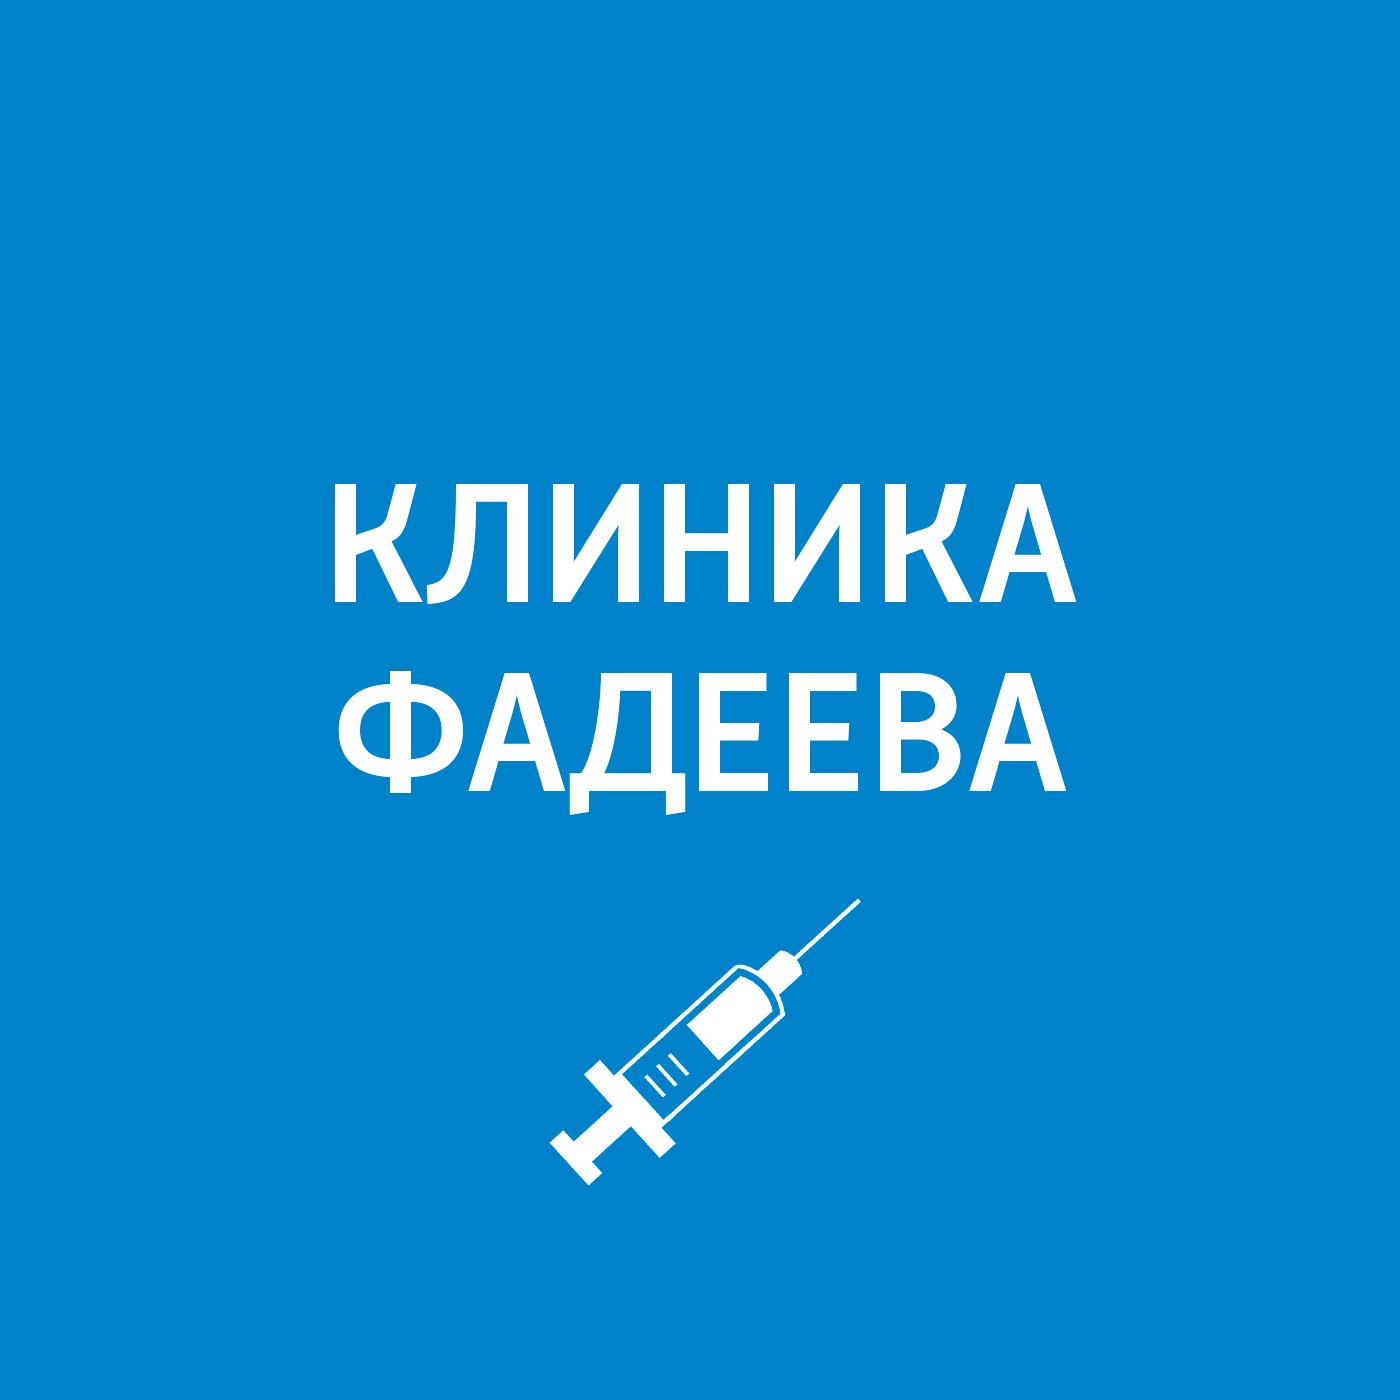 Пётр Фадеев Врач-травматолог пётр фадеев врач логопед